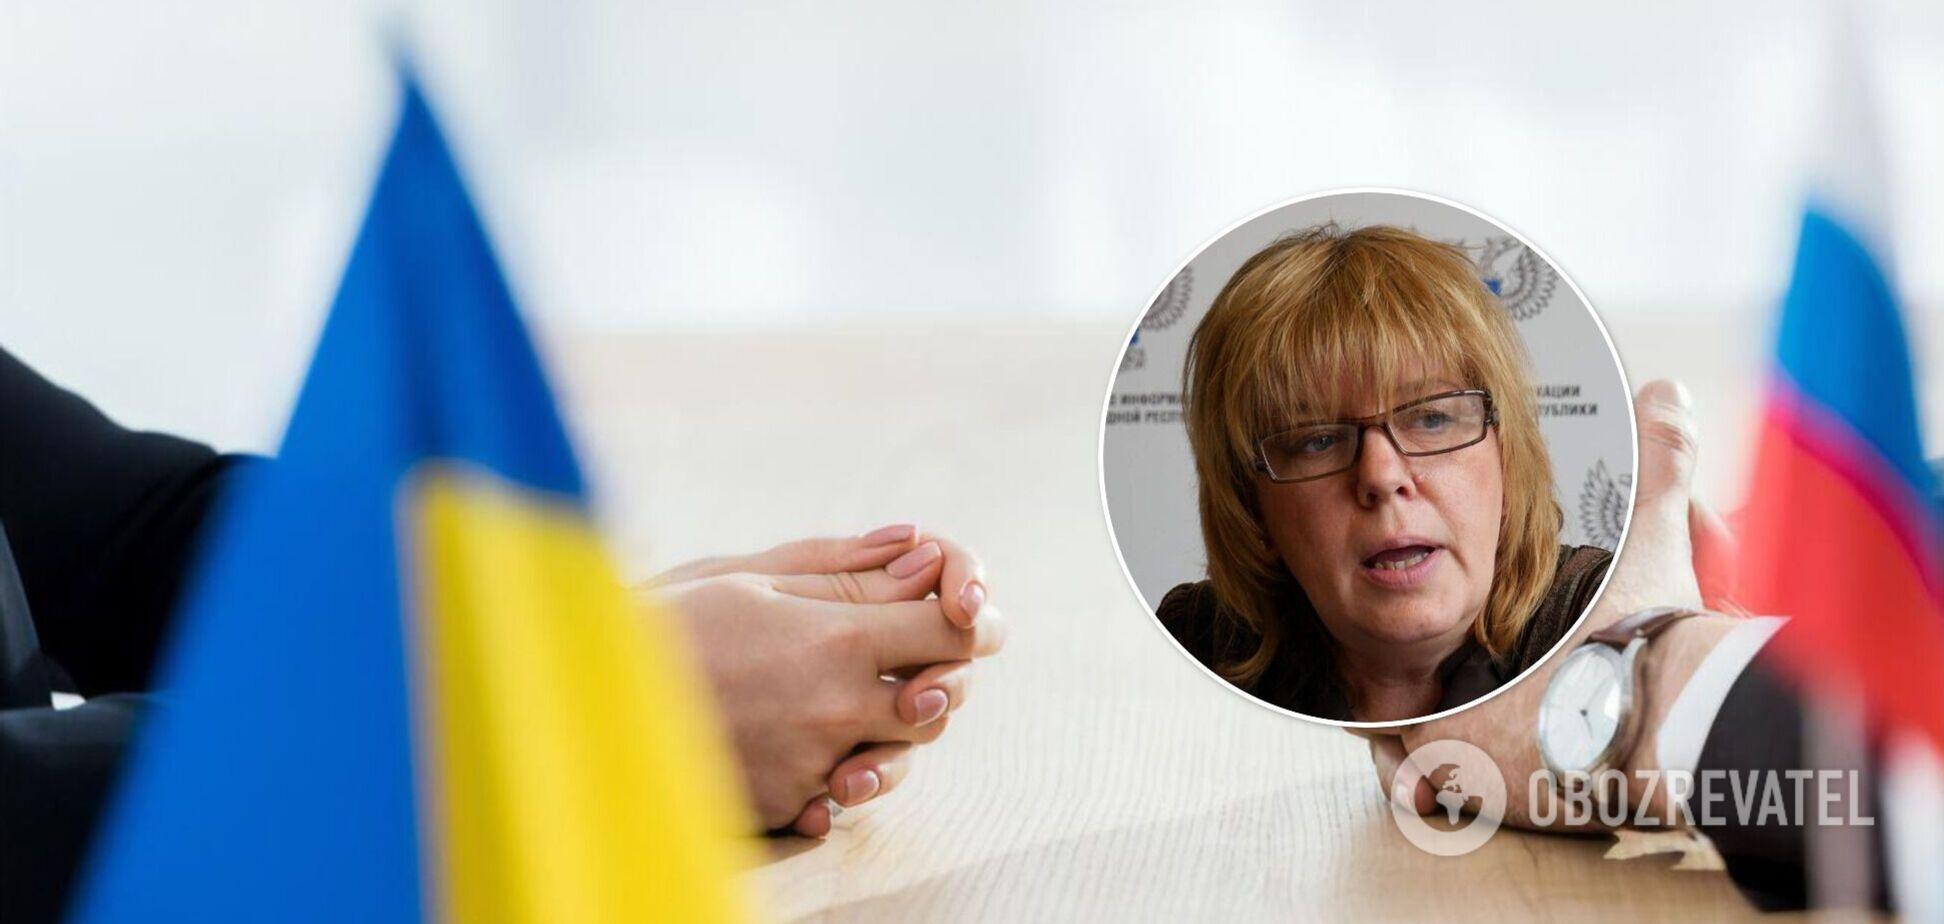 Україна перервала засідання ТКГ через засуджену за тероризм 'експертку' з Донецька